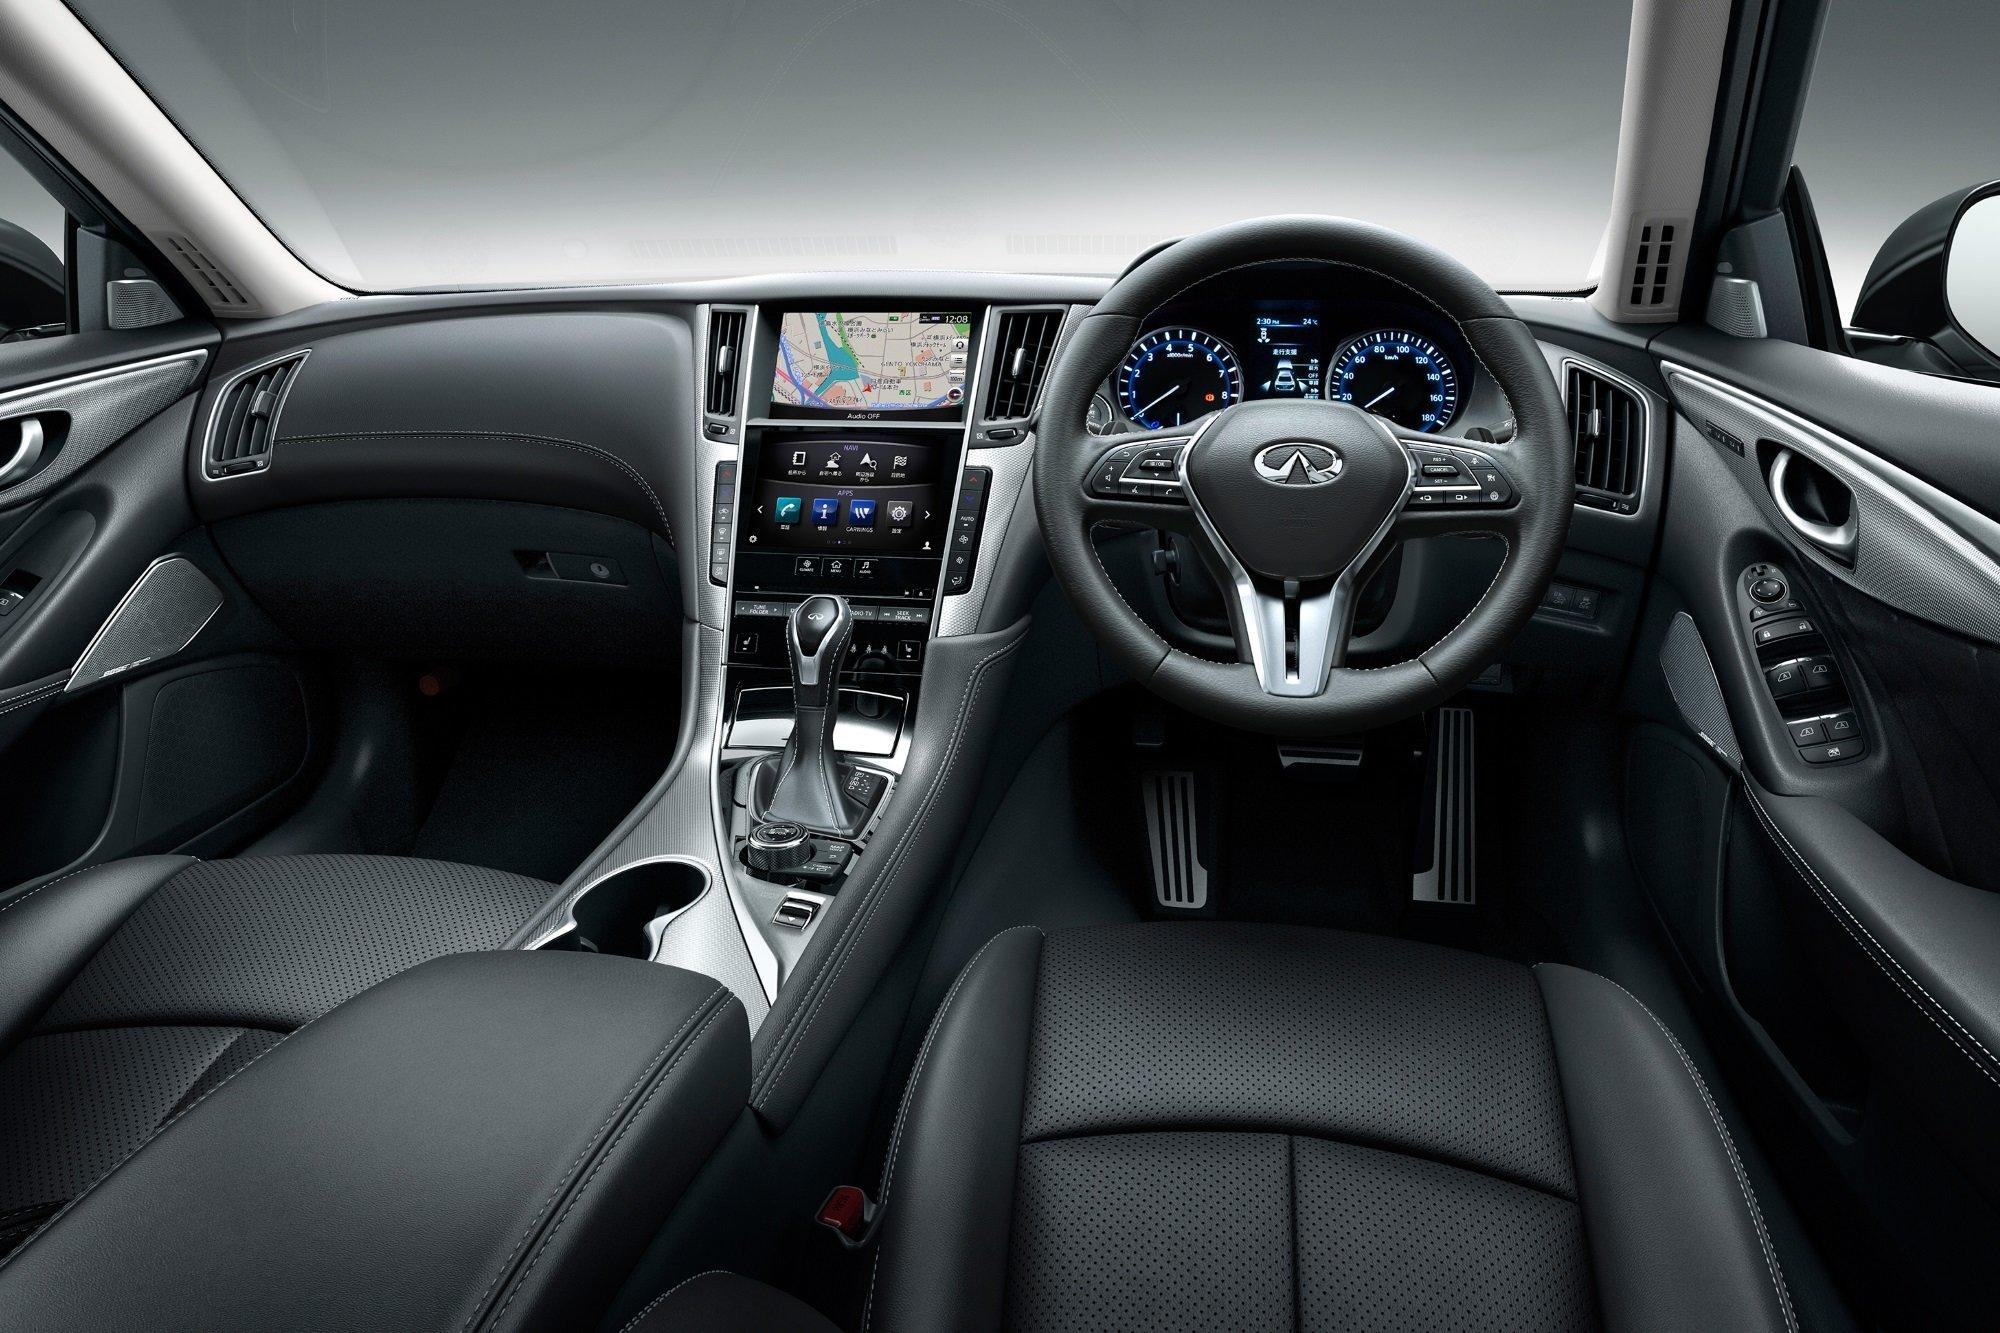 В Японии представлен обновленный Nissan Skyline с системой ProPILOT 2.0